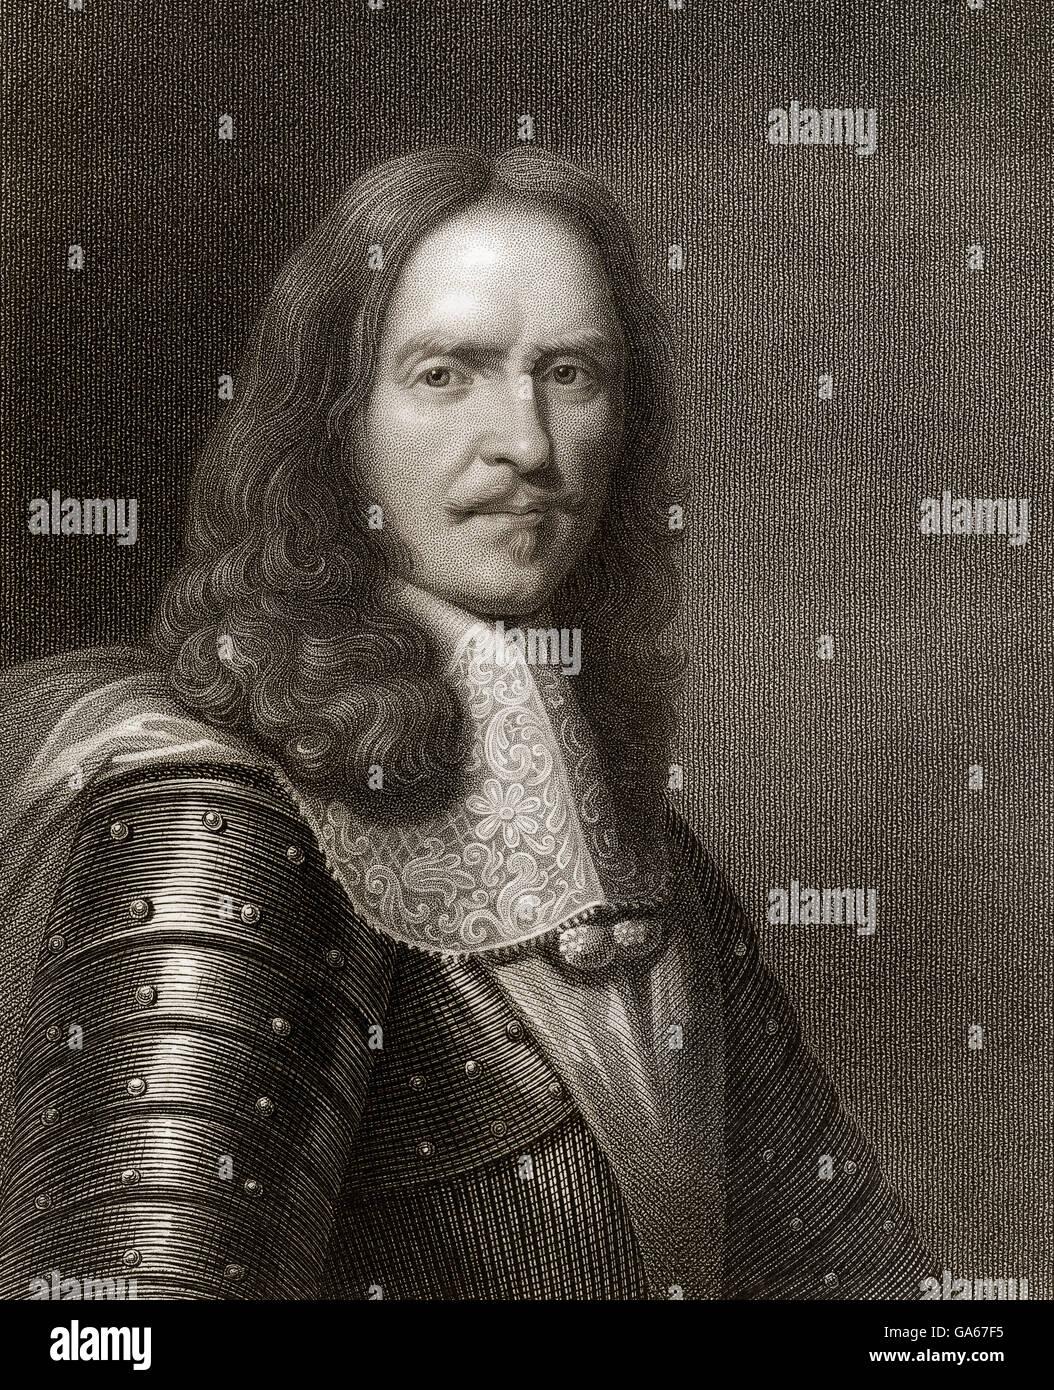 Henri de la Tour d'Auvergne, Vicomte de Turenne, 1611 - 1675, Marshal General of France, Henri de la Tour d'Auvergne, - Stock Image